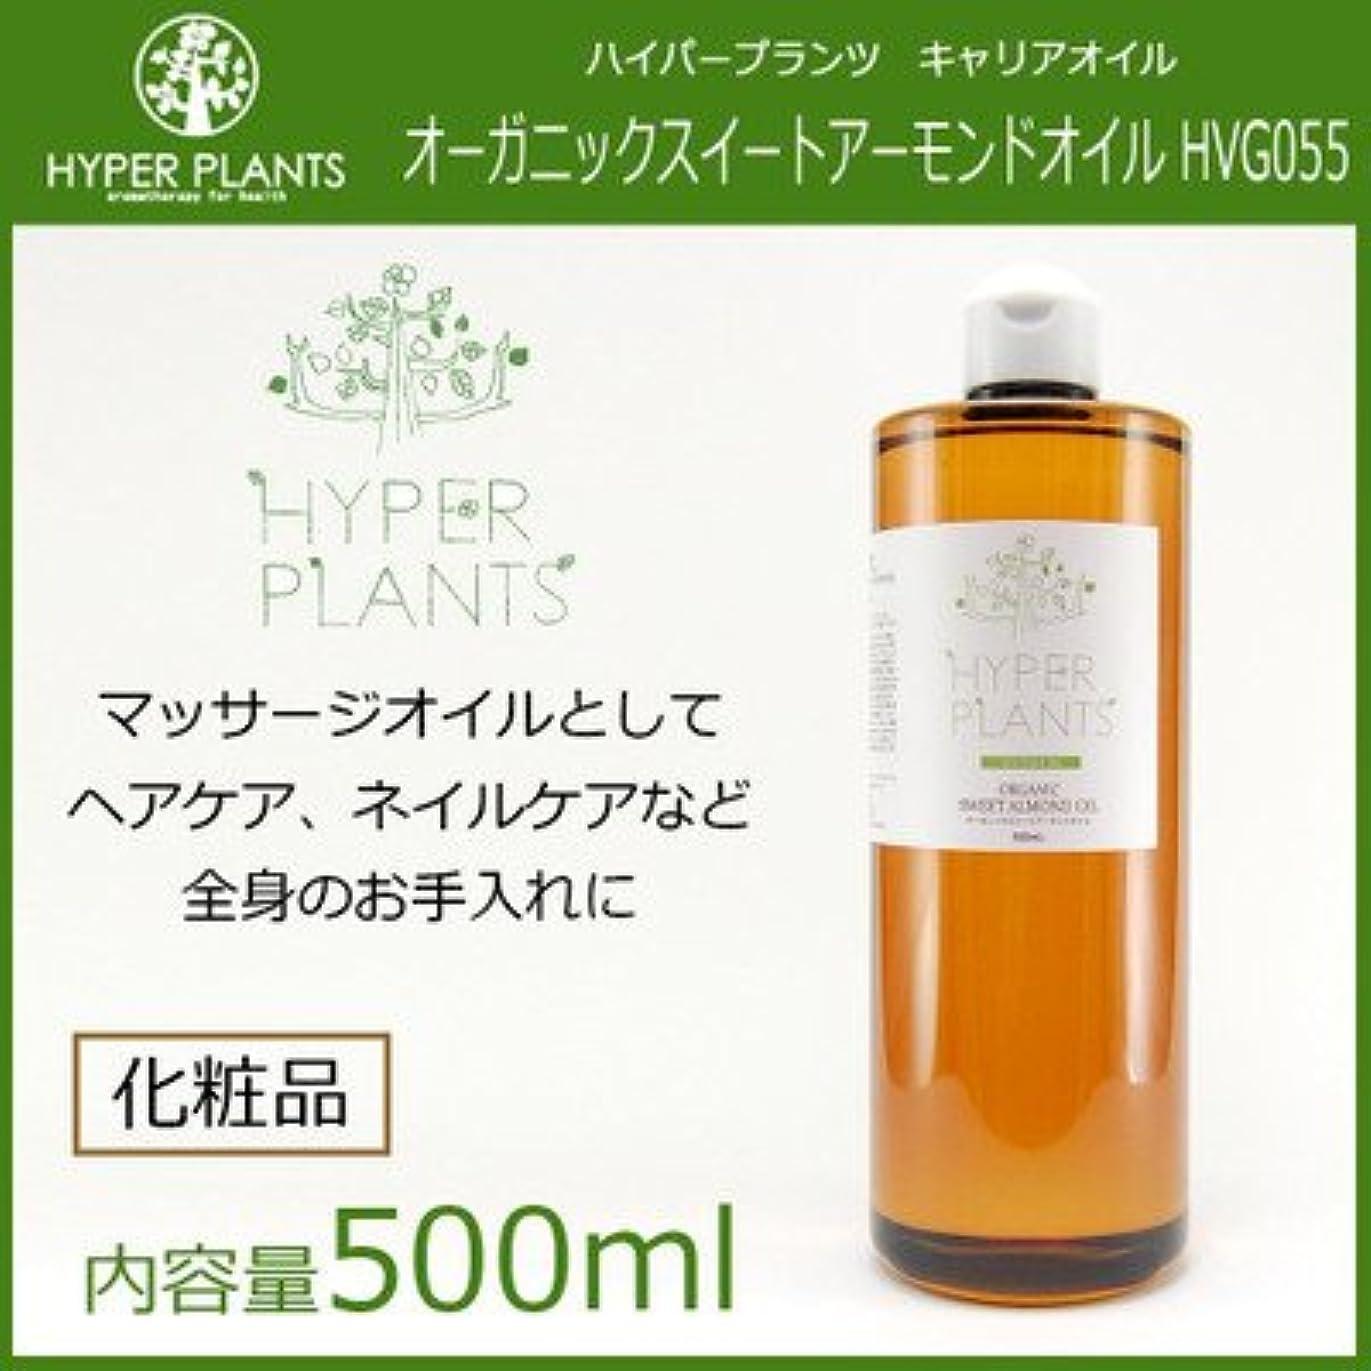 コレクション貴重な野望天然植物原料100%使用 肌をやさしく守る定番オイル HYPER PLANTS ハイパープランツ キャリアオイル オーガニックスイートアーモンドオイル 500ml HVG055